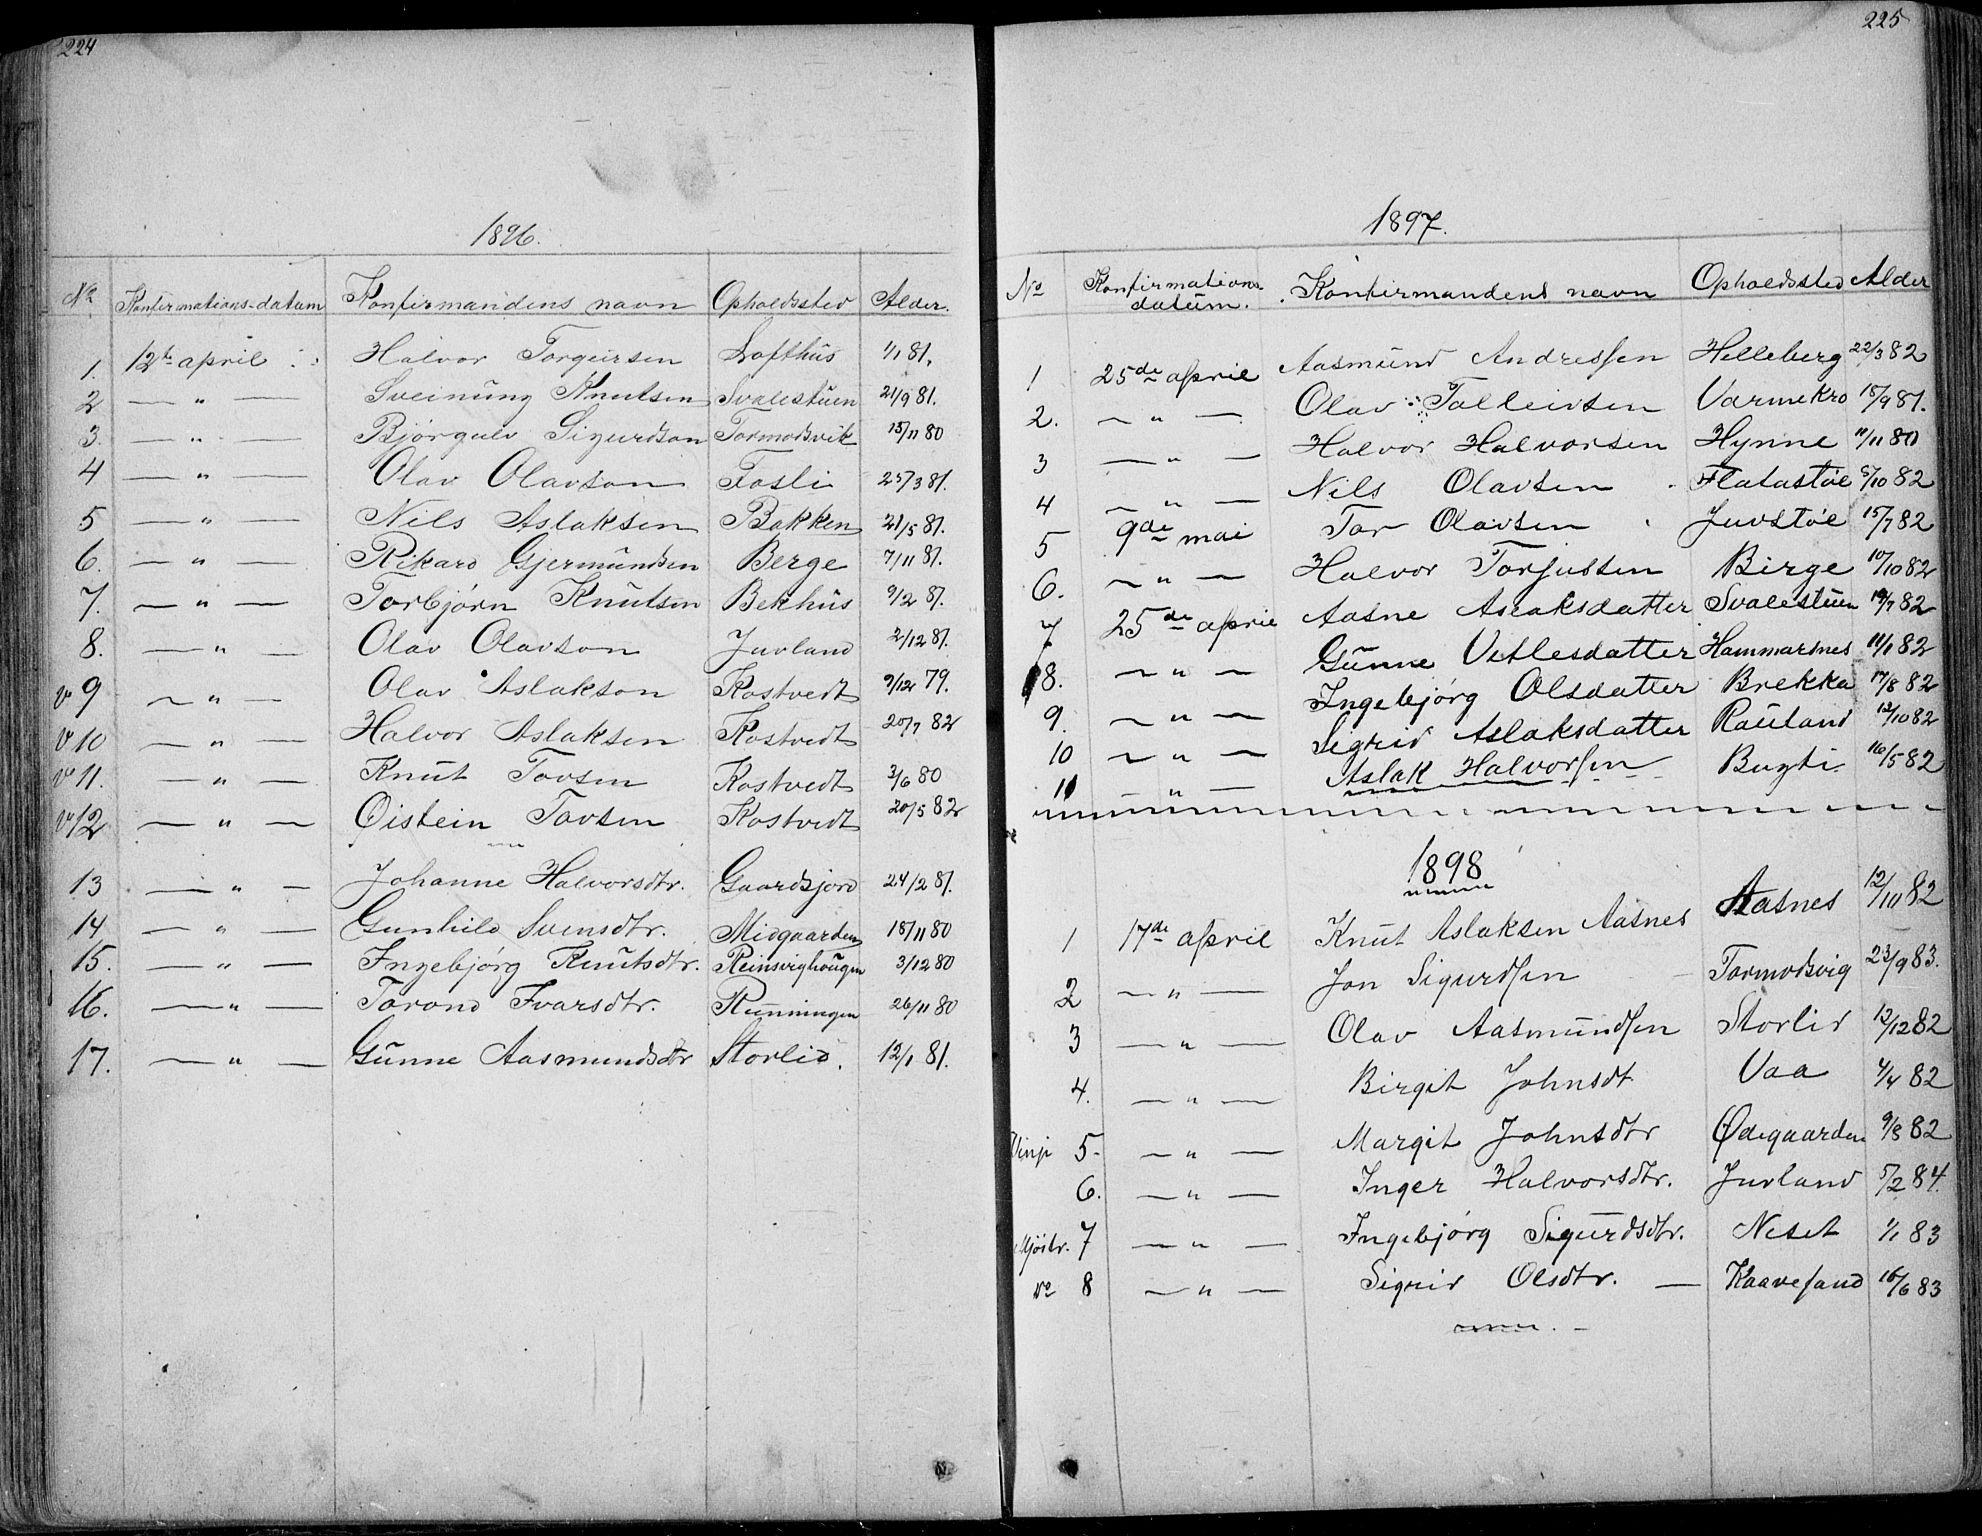 SAKO, Rauland kirkebøker, G/Ga/L0002: Klokkerbok nr. I 2, 1849-1935, s. 224-225